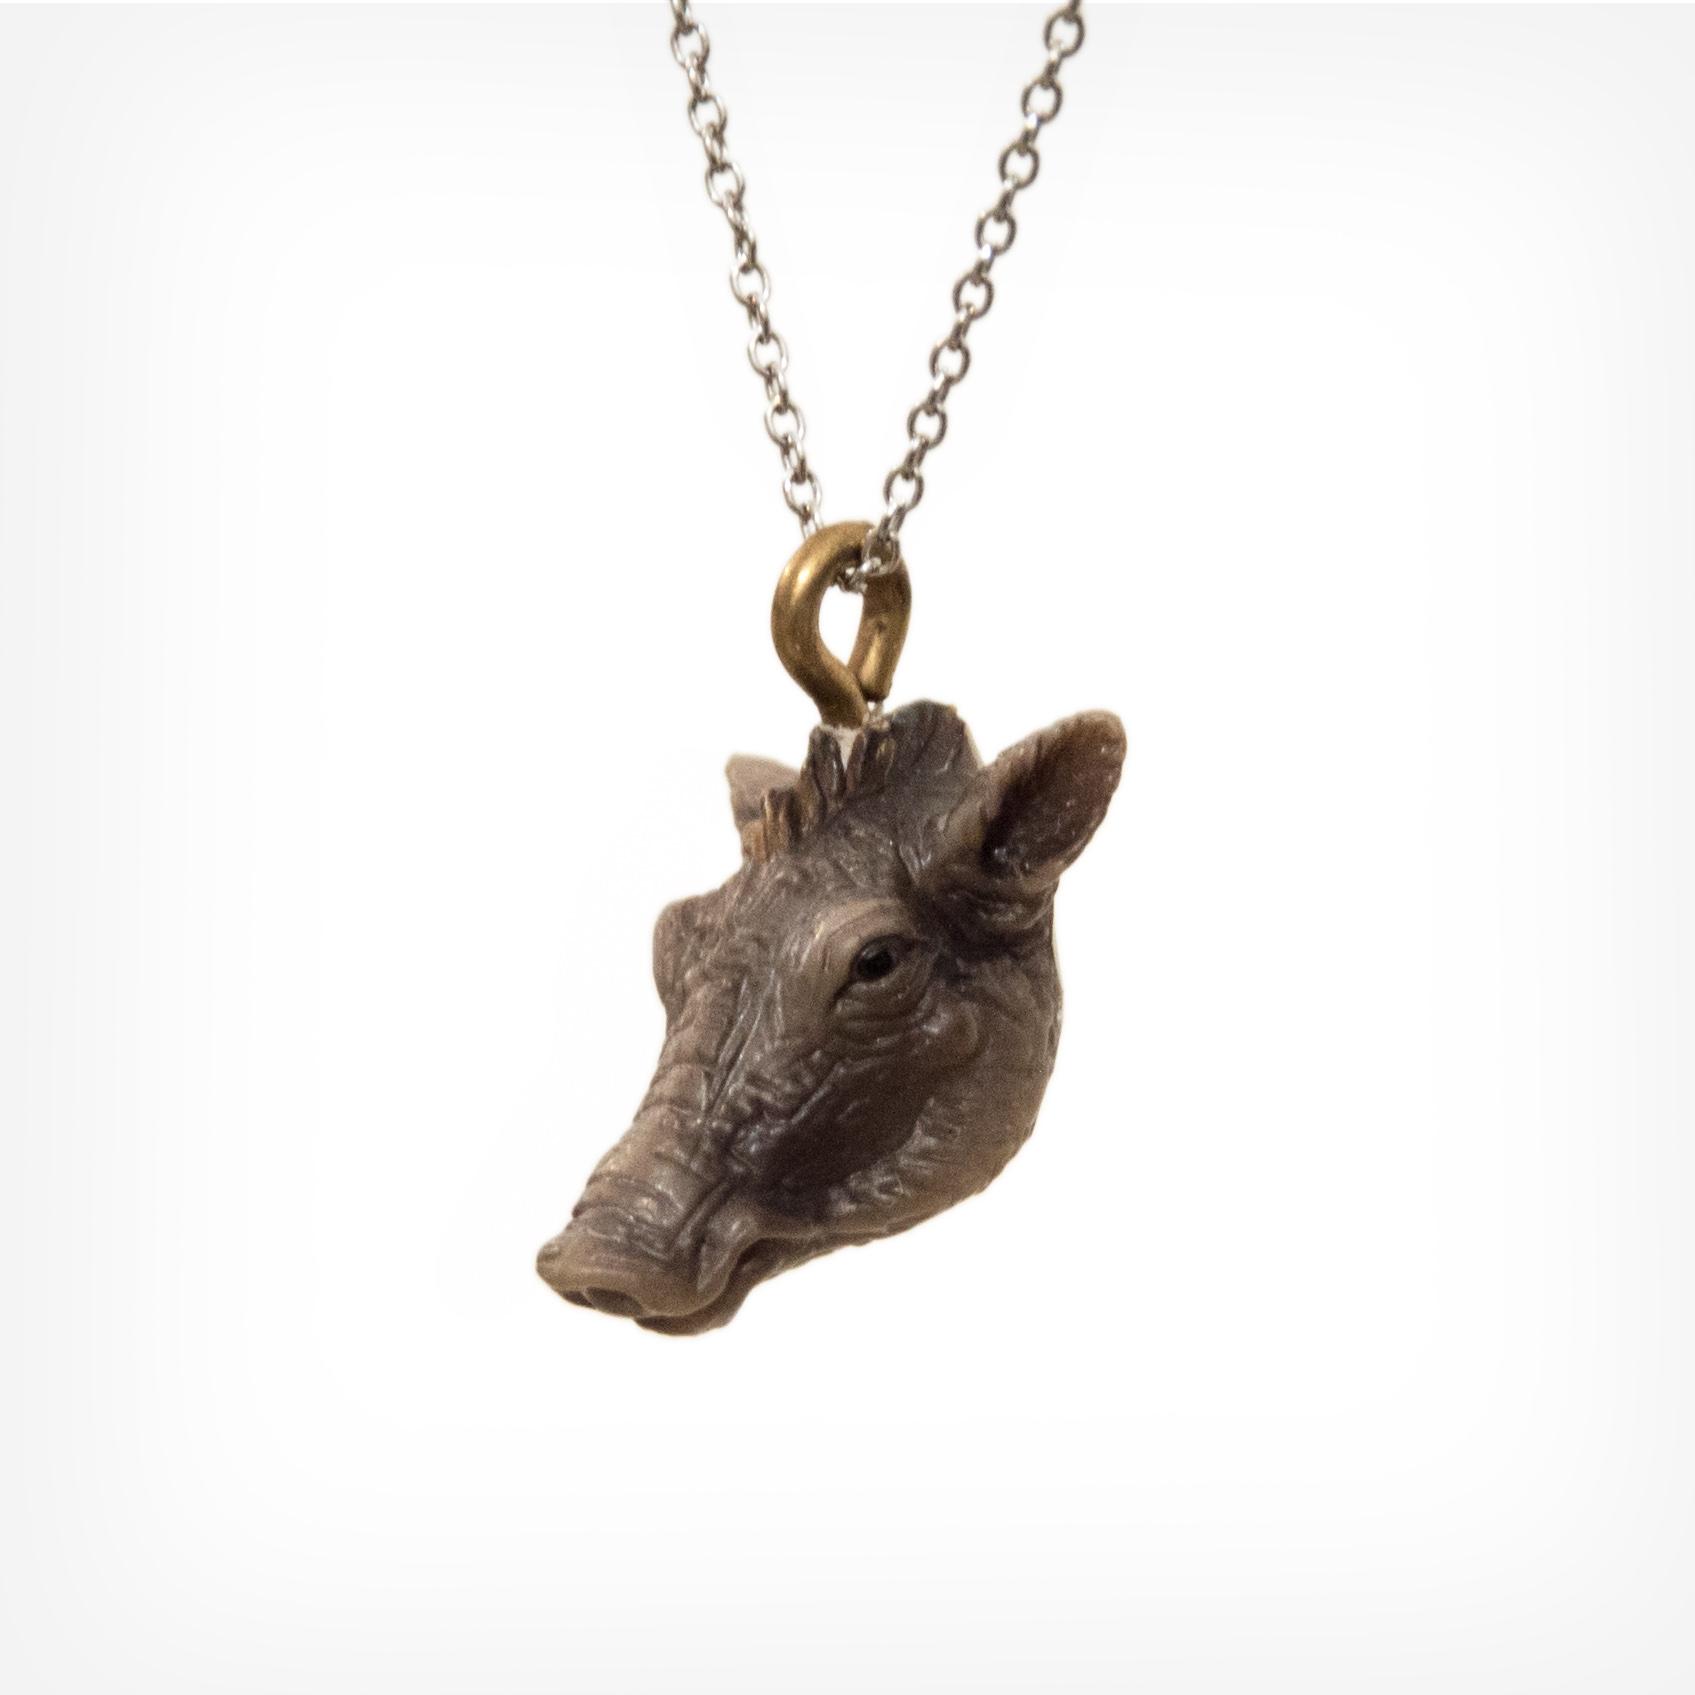 Wildschwein | boar